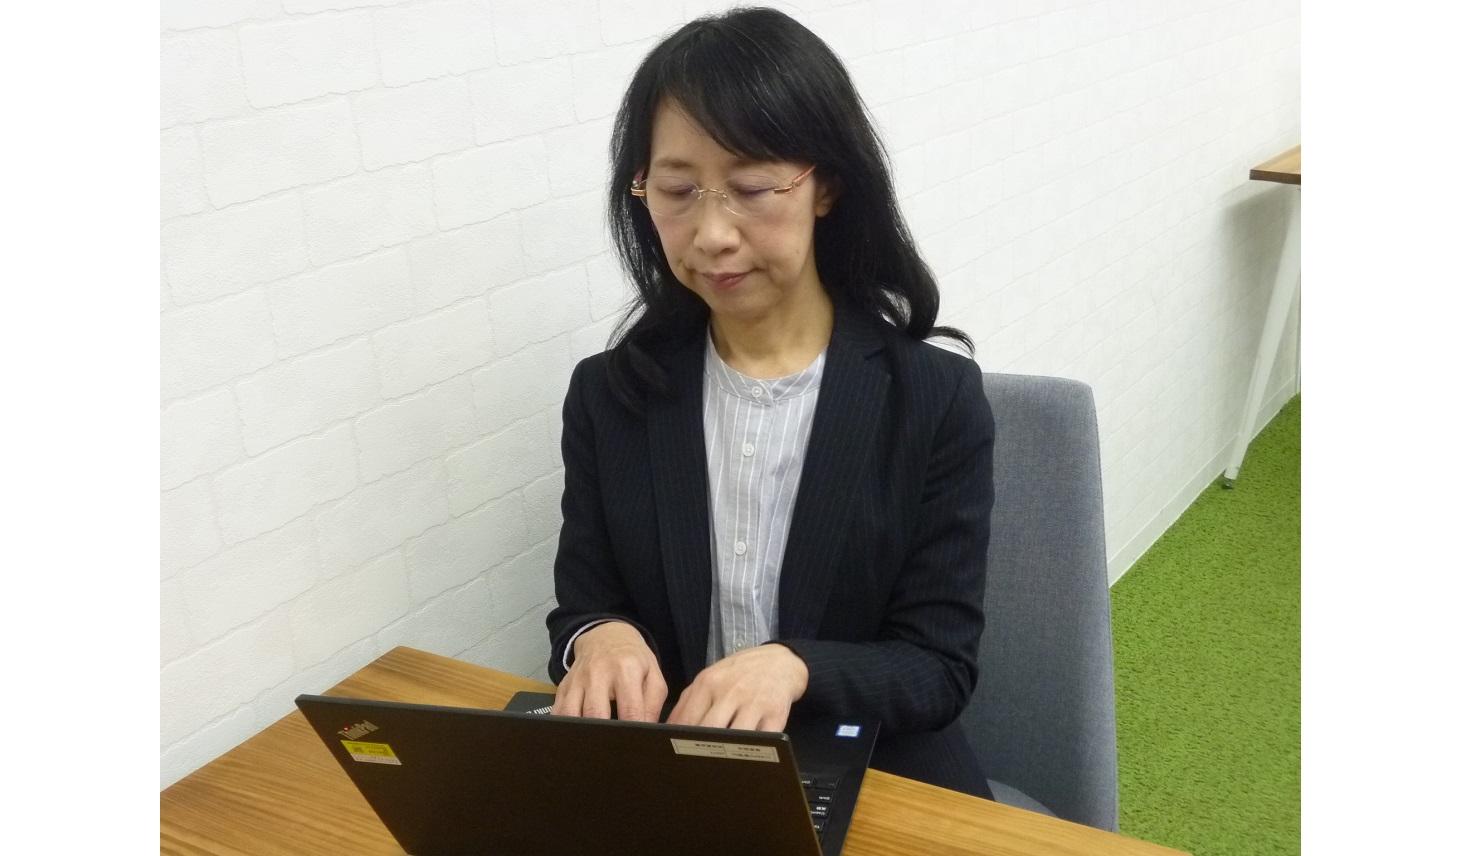 高機能メガネを使って仕事をする女性